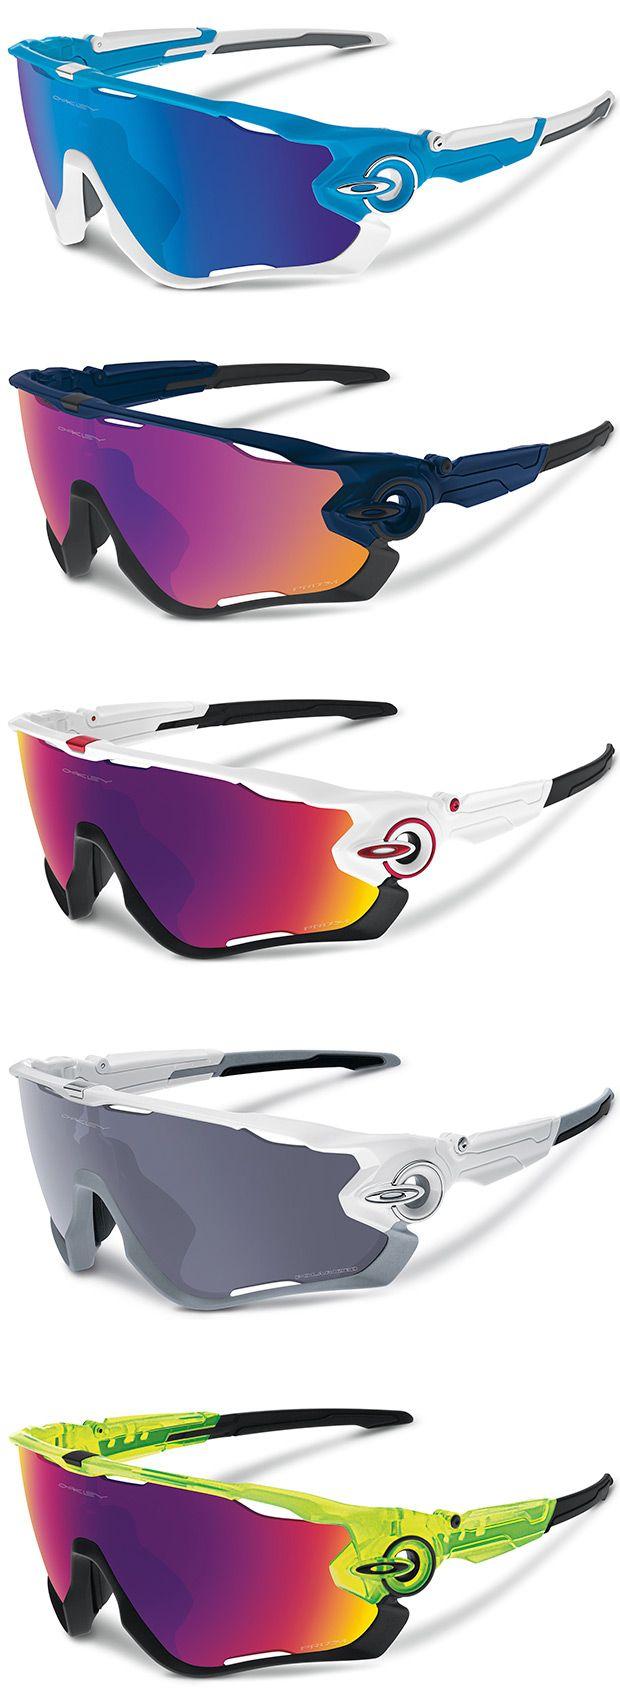 48372ba000 Jawbreaker, las nuevas (y avanzadas) gafas deportivas de Oakley |  TodoMountainBike